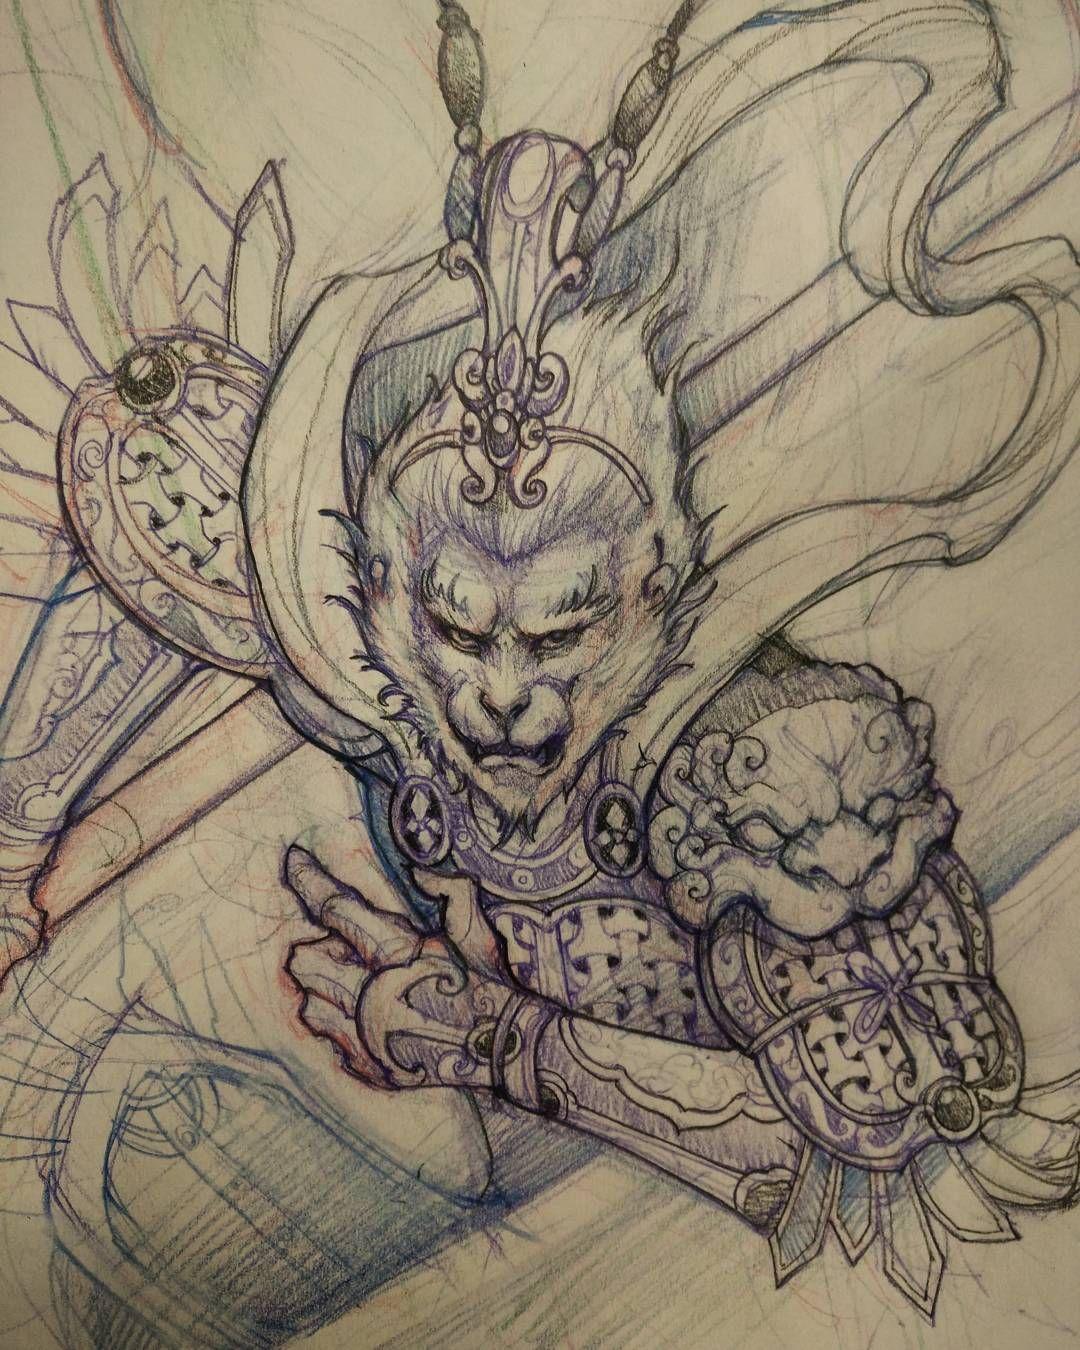 1080x1350 Monkey King Sketch.